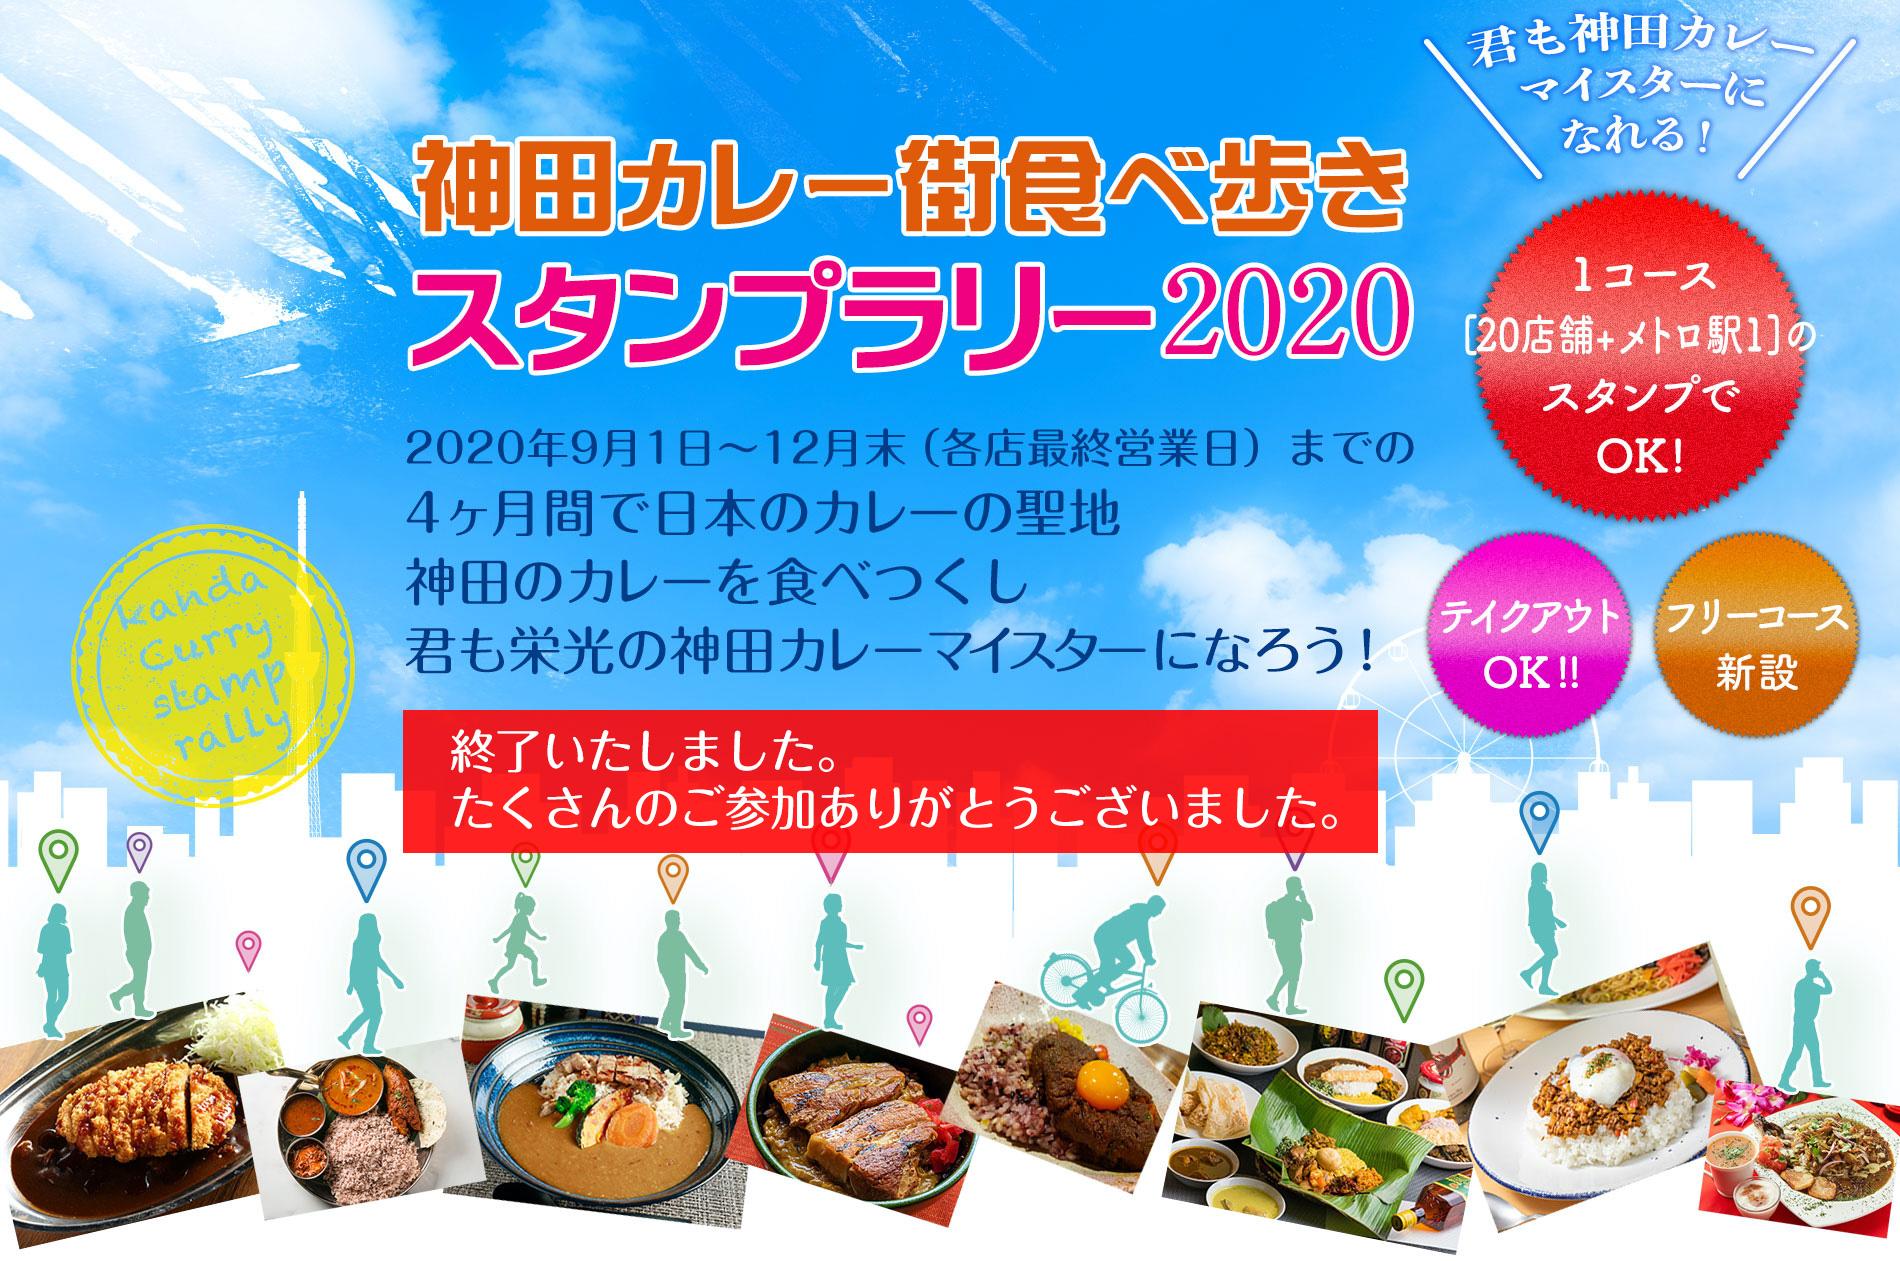 神田カレー街食べ歩きスタンプラリー2020